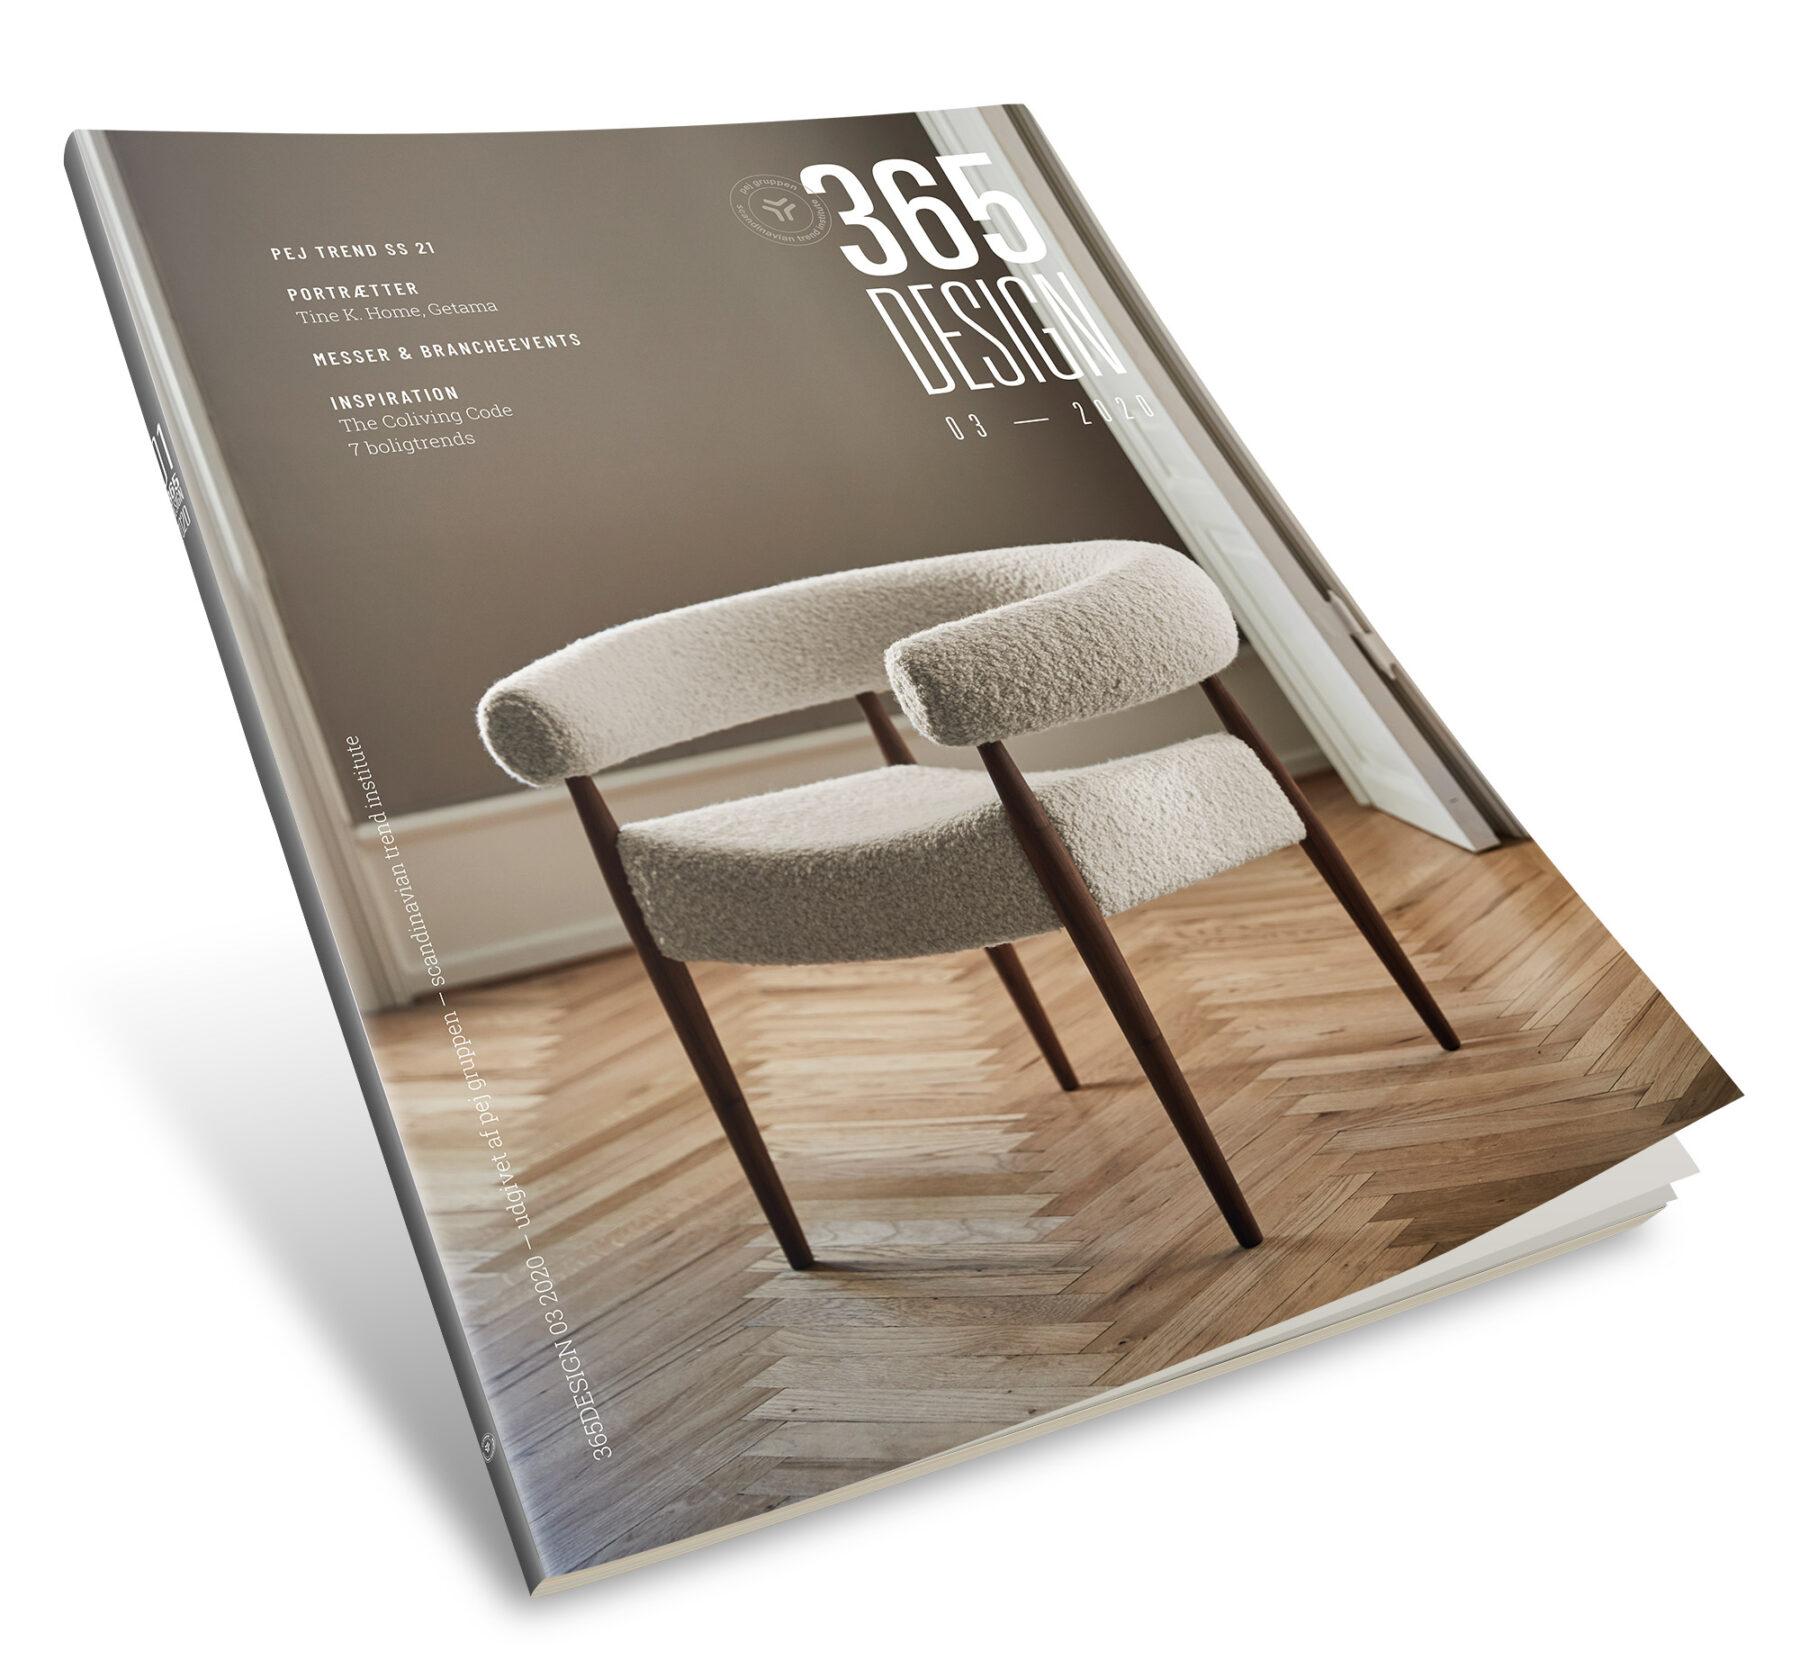 365design - læs nyeste her